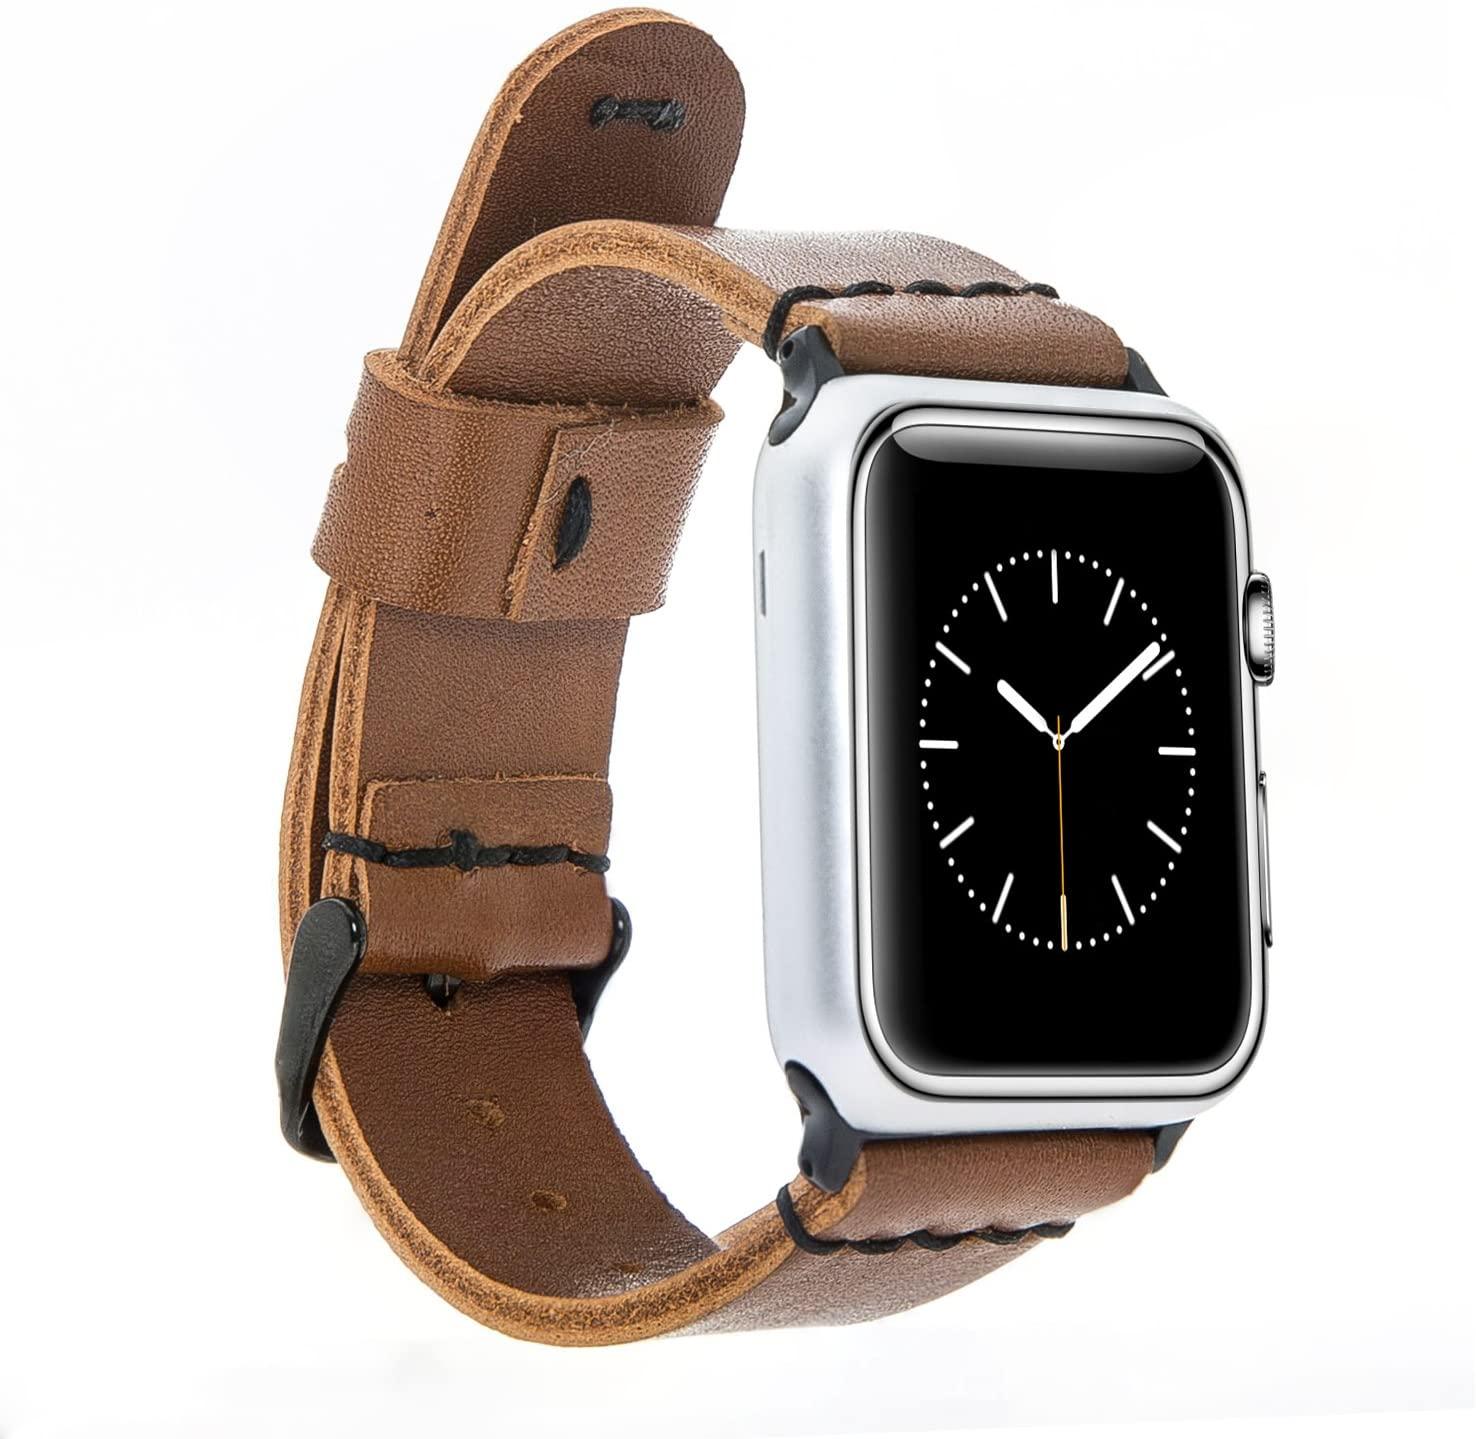 Solo Pelle Lederarmband Monaco für das Apple Watch Series 1-4 I Armband für das original Apple Watch 1, 2, 3 und 4 (38/40mm, Cognac Braun + Schwarze Naht + Spacegrau Adapter)